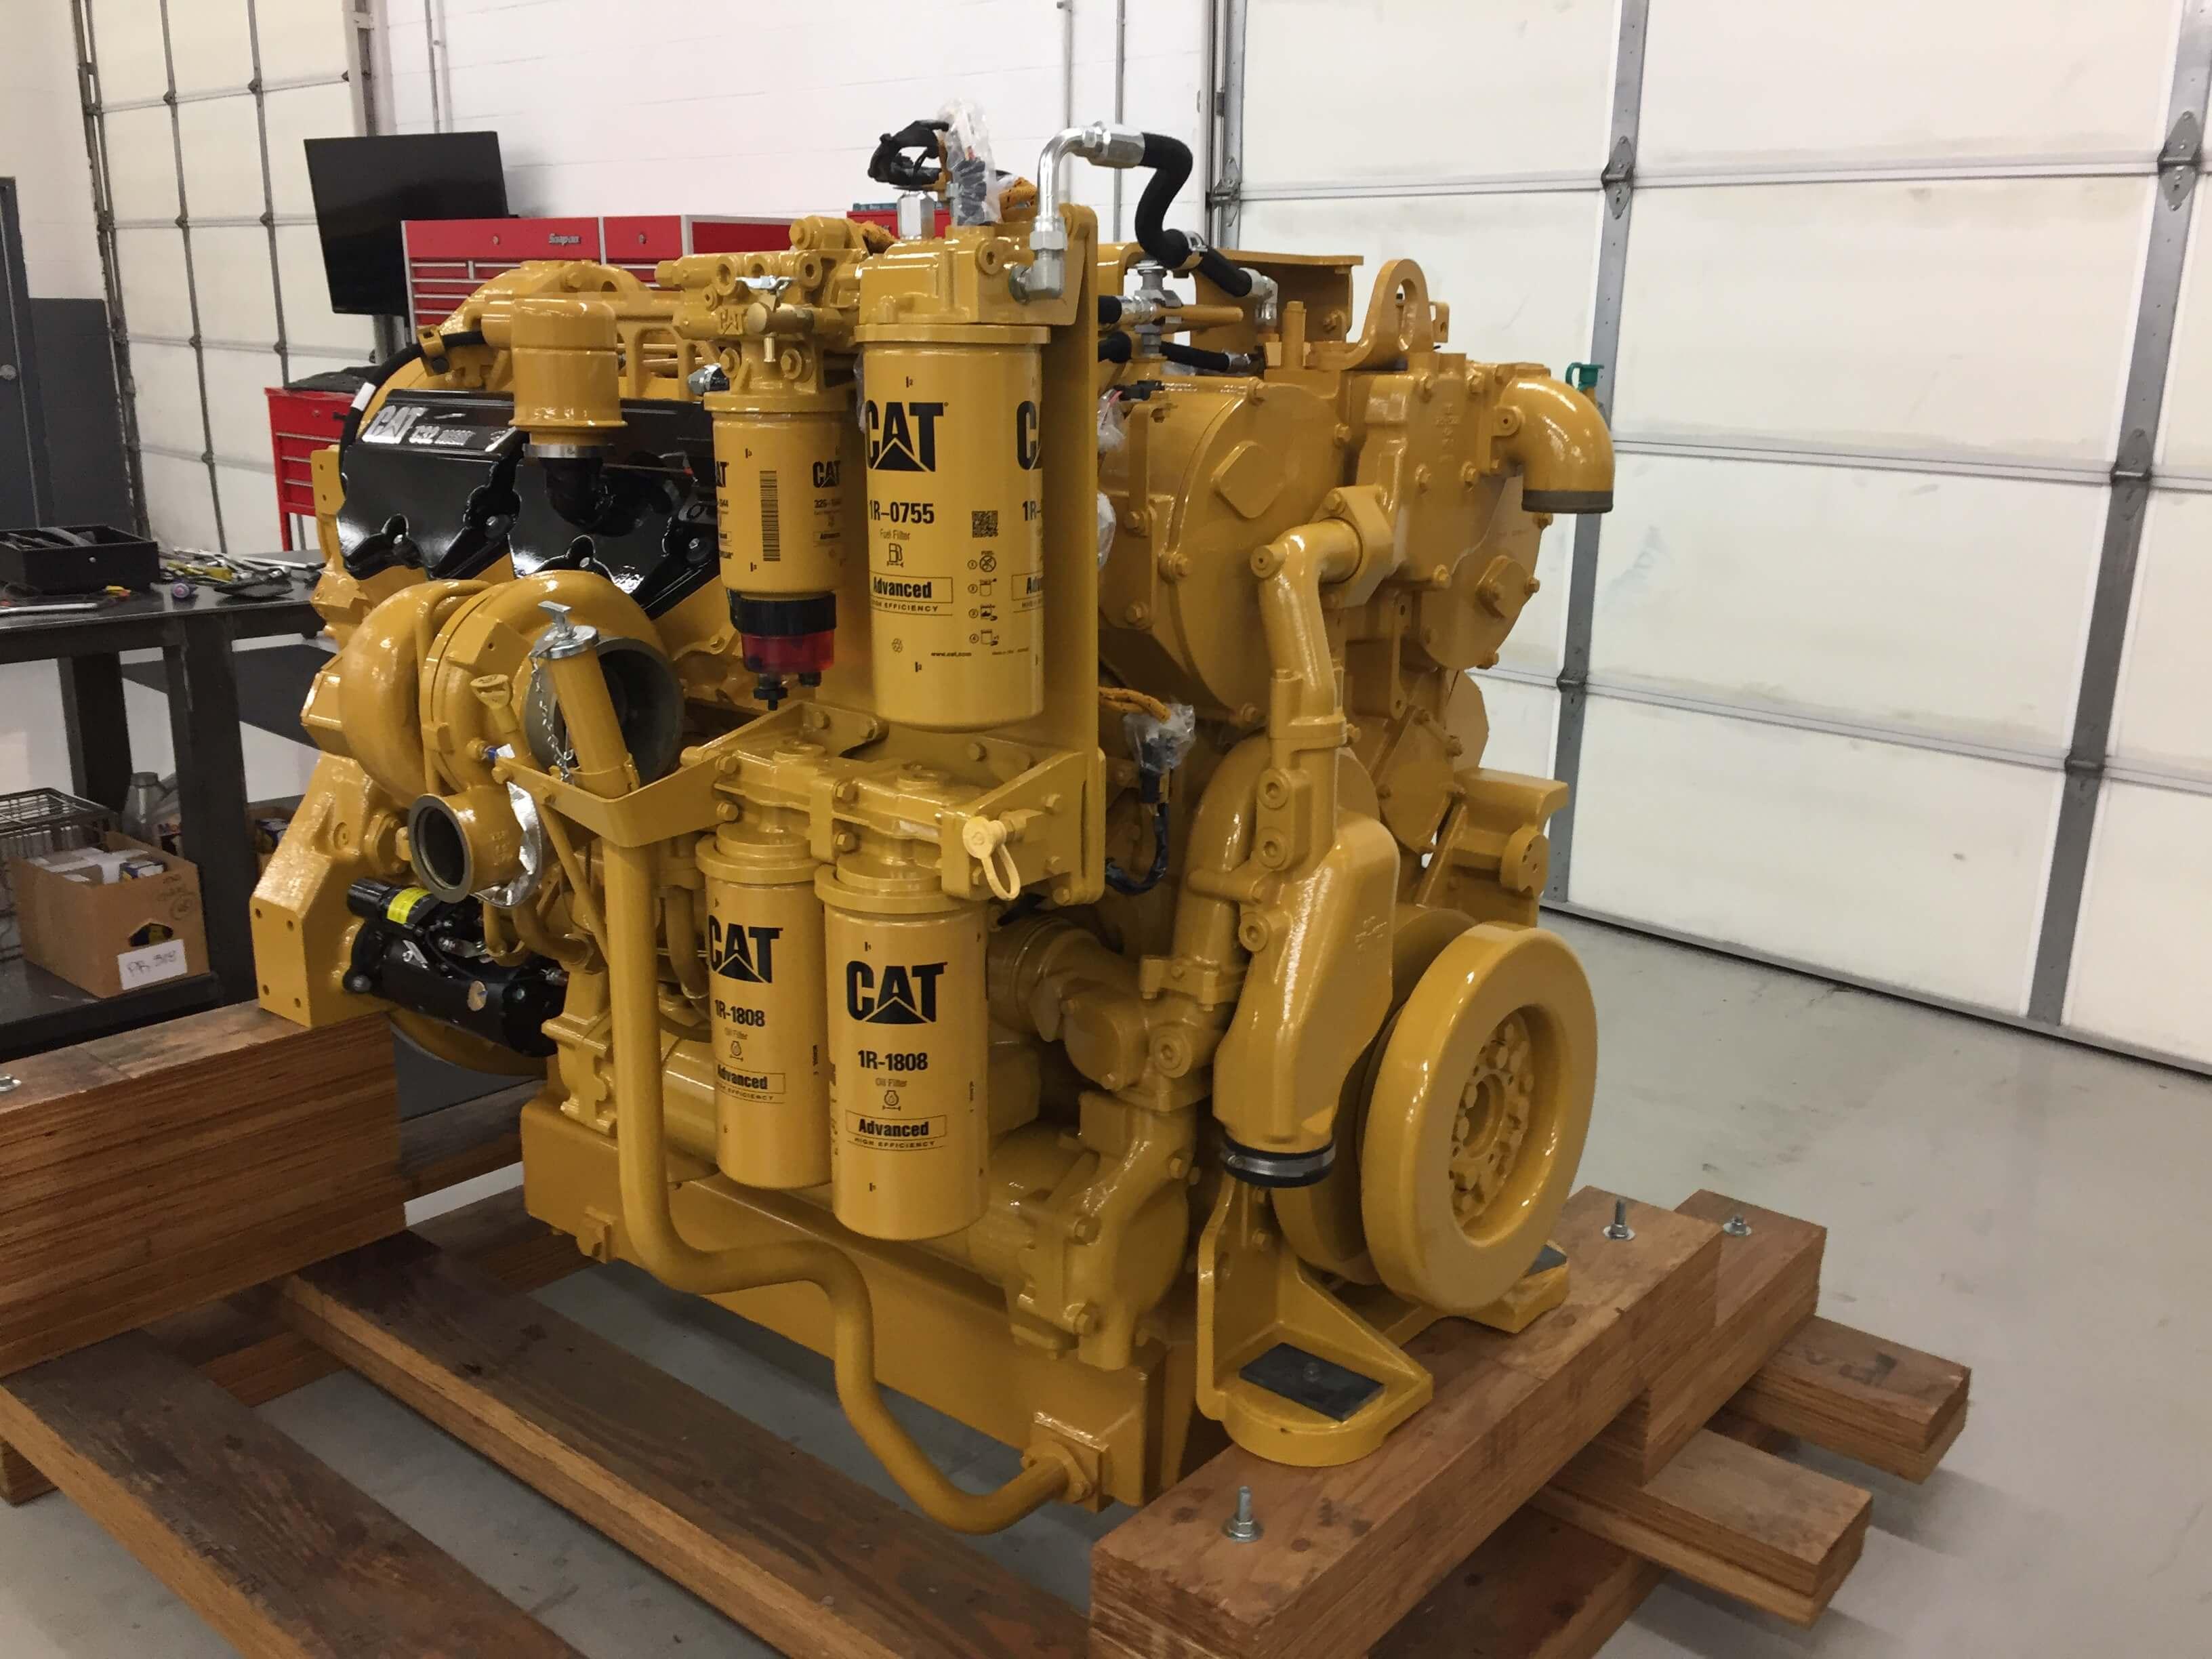 854K - Independent Rebuild Specialist